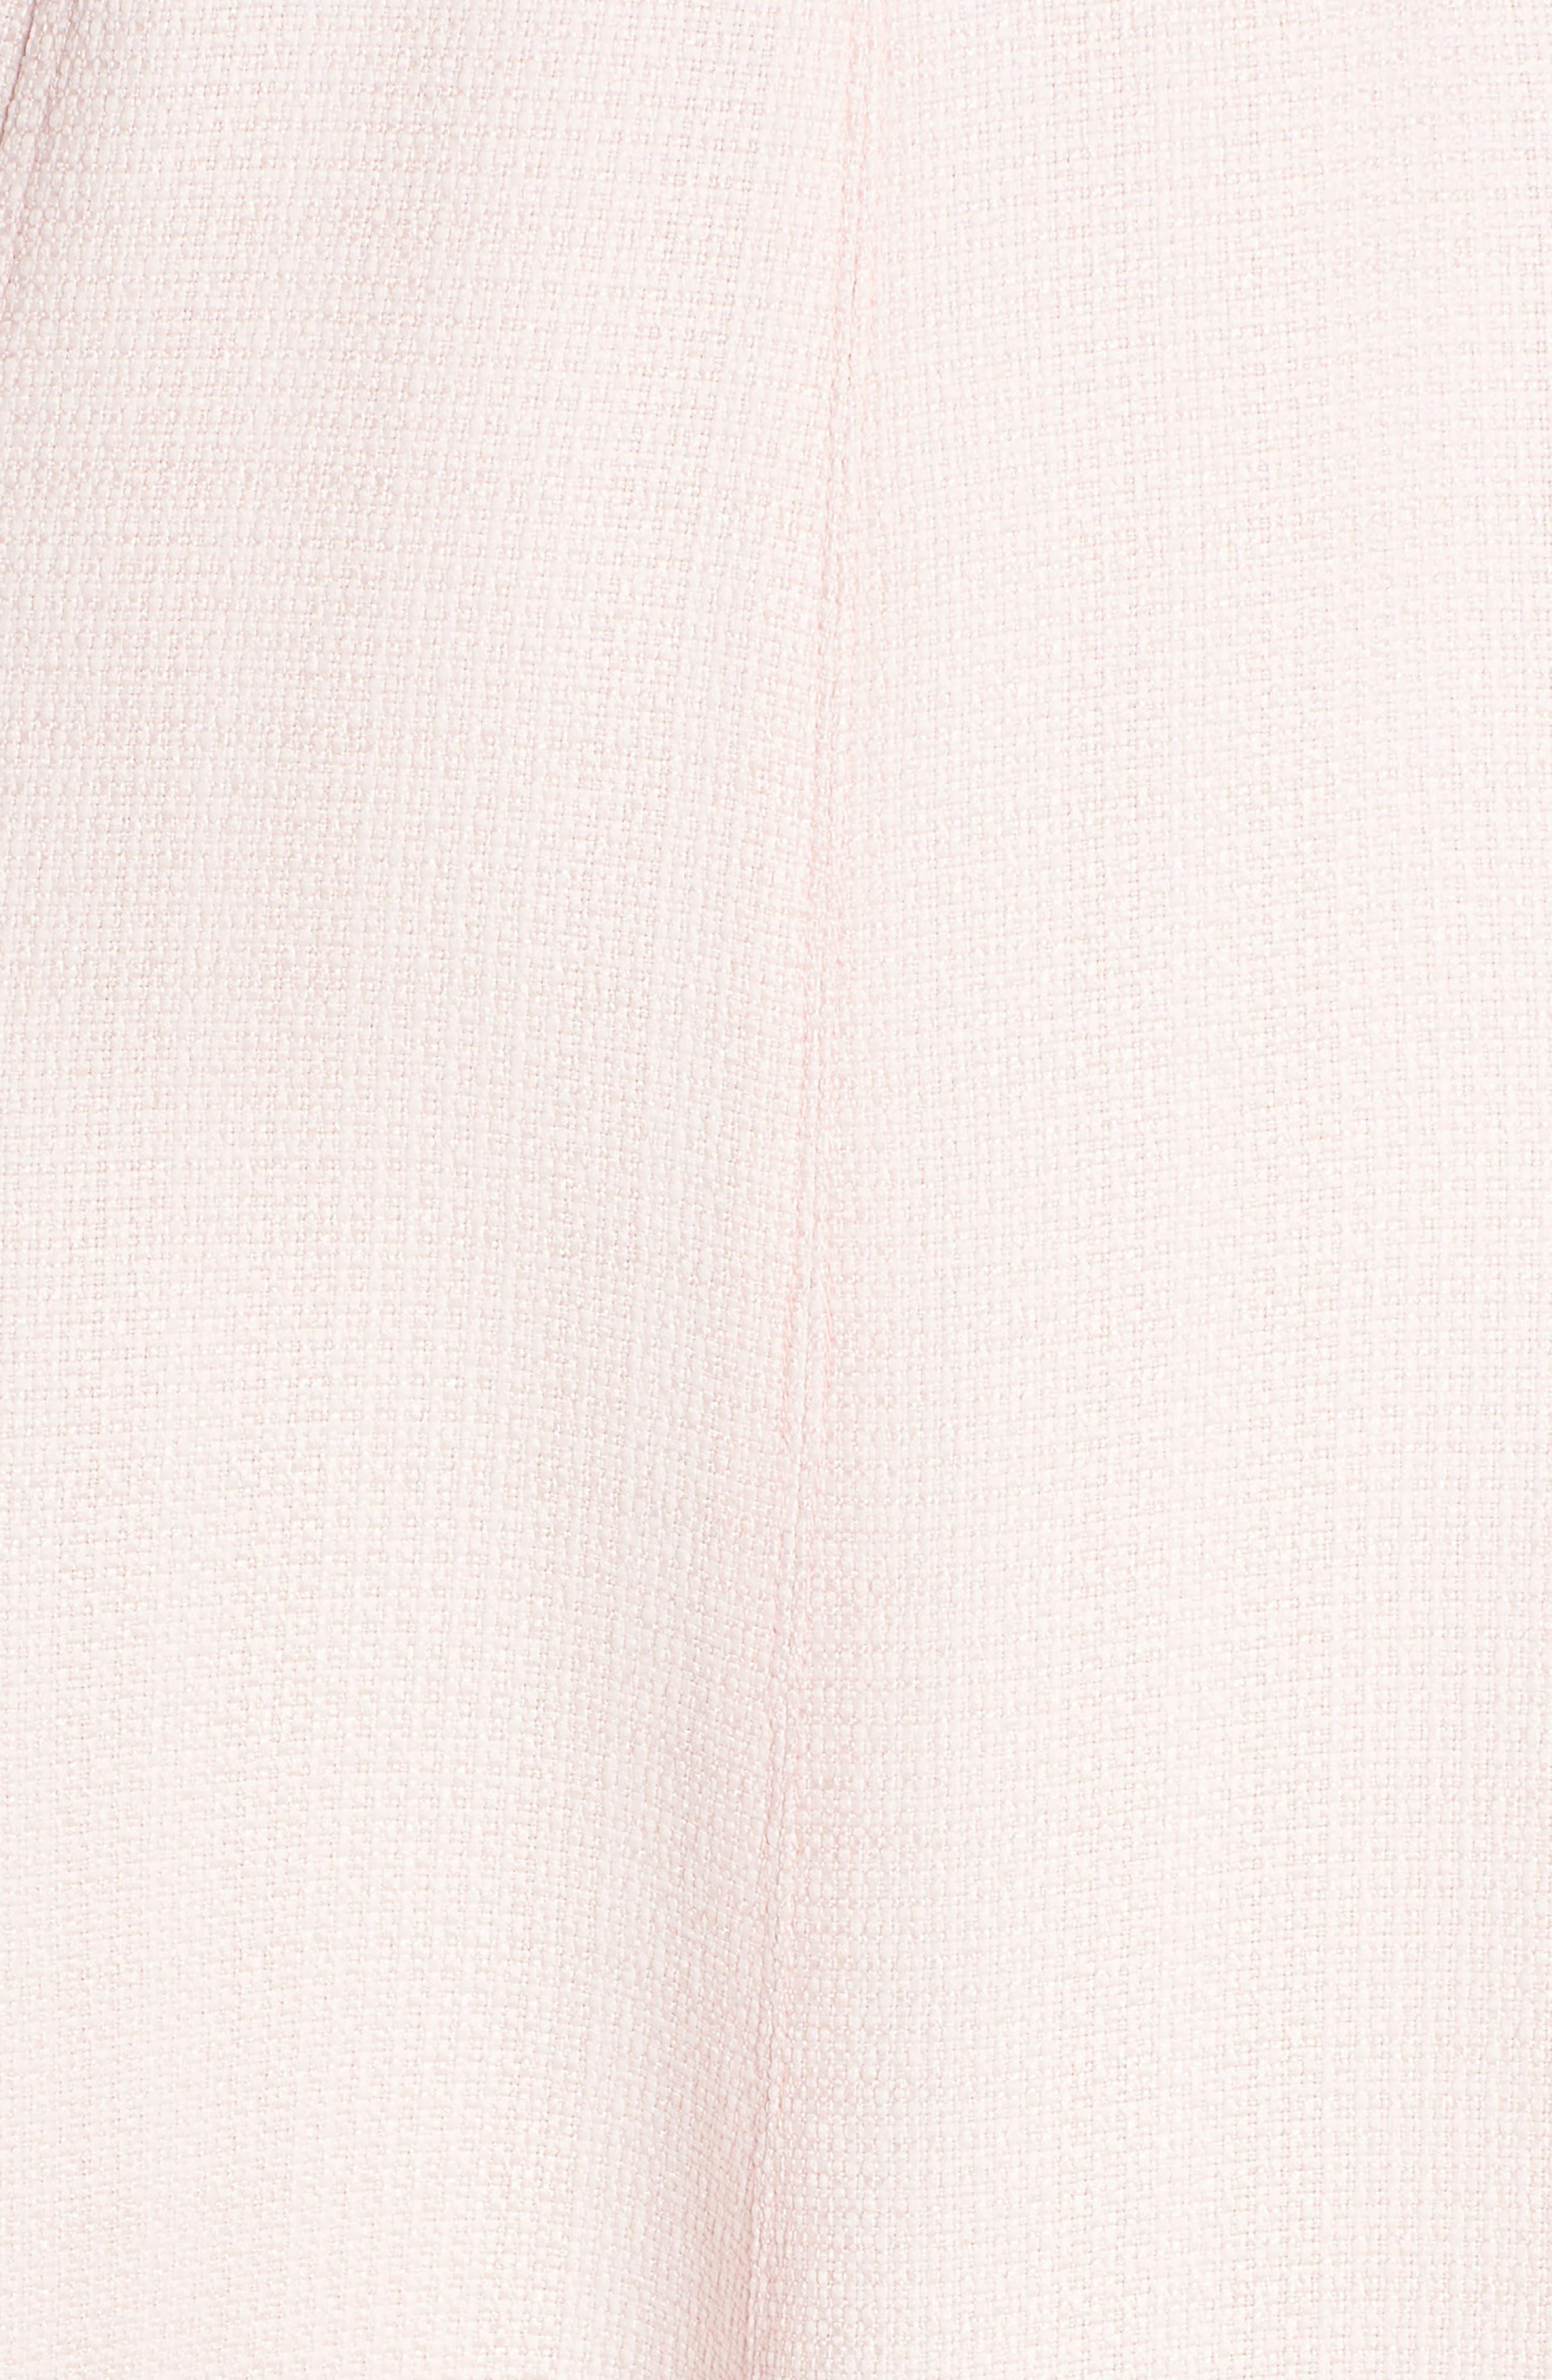 Fringe Hem A-Line Dress,                             Alternate thumbnail 6, color,                             Blush